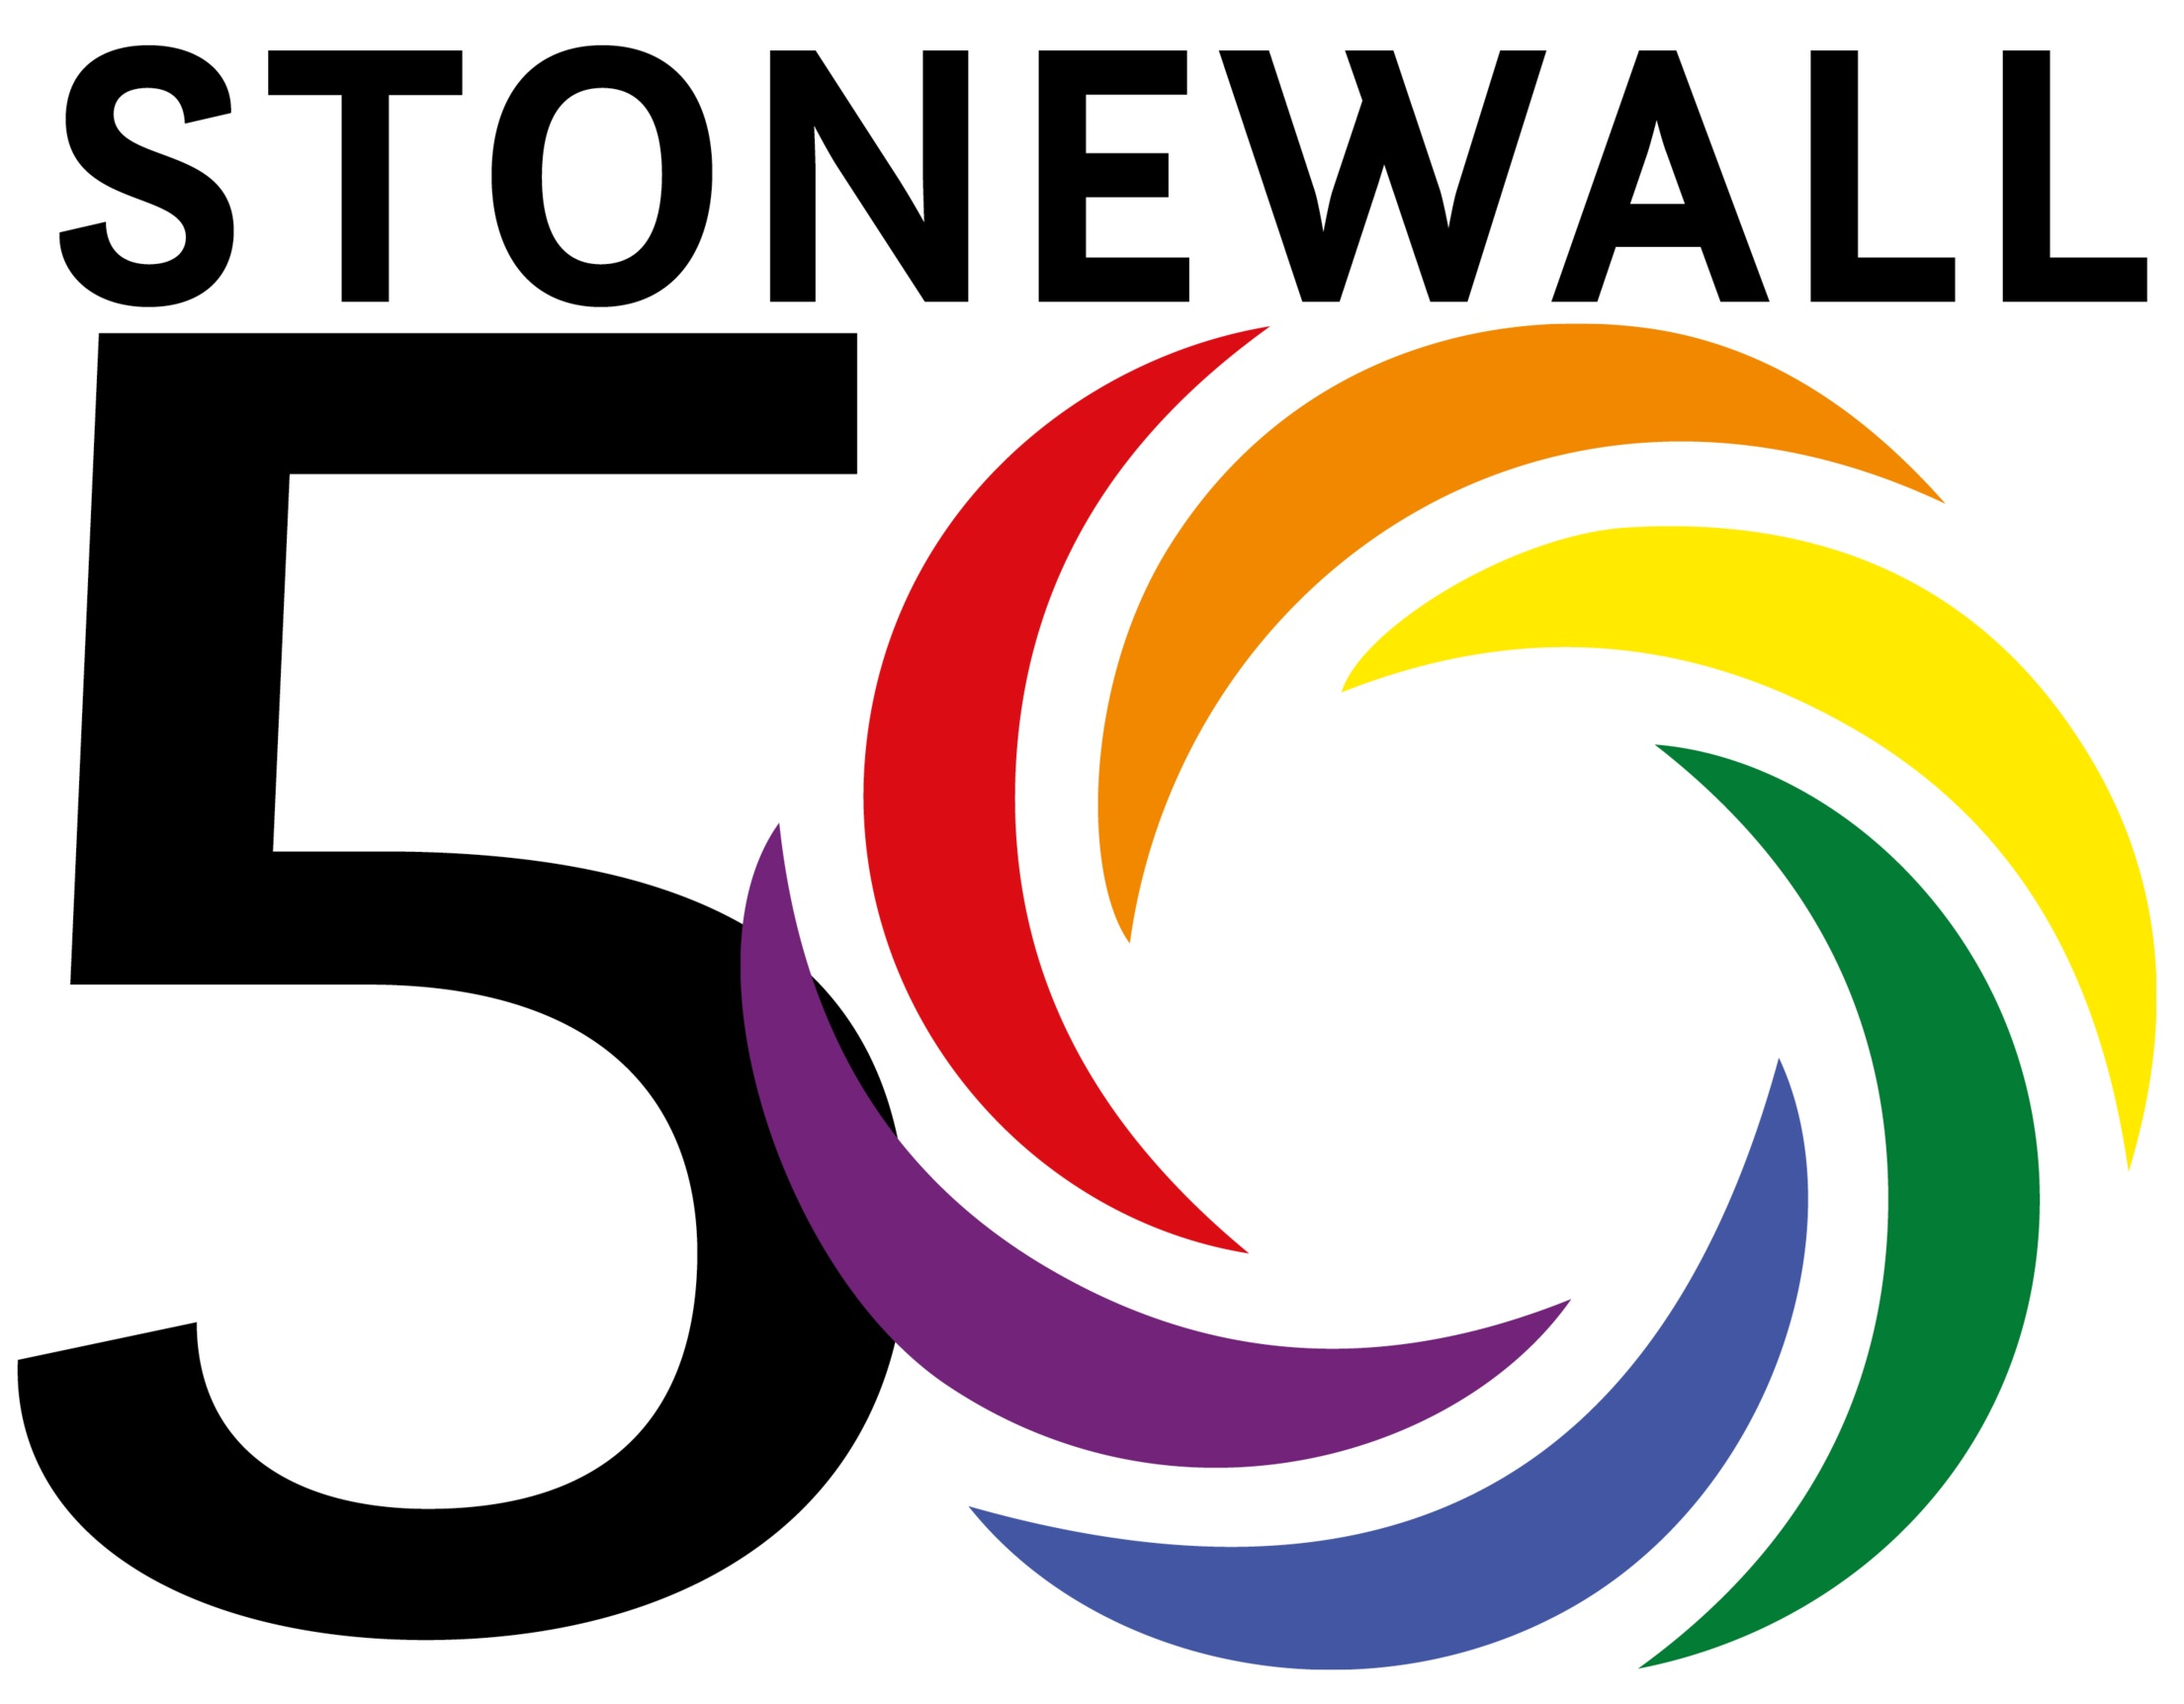 Stonewall+50+logo+white.jpg